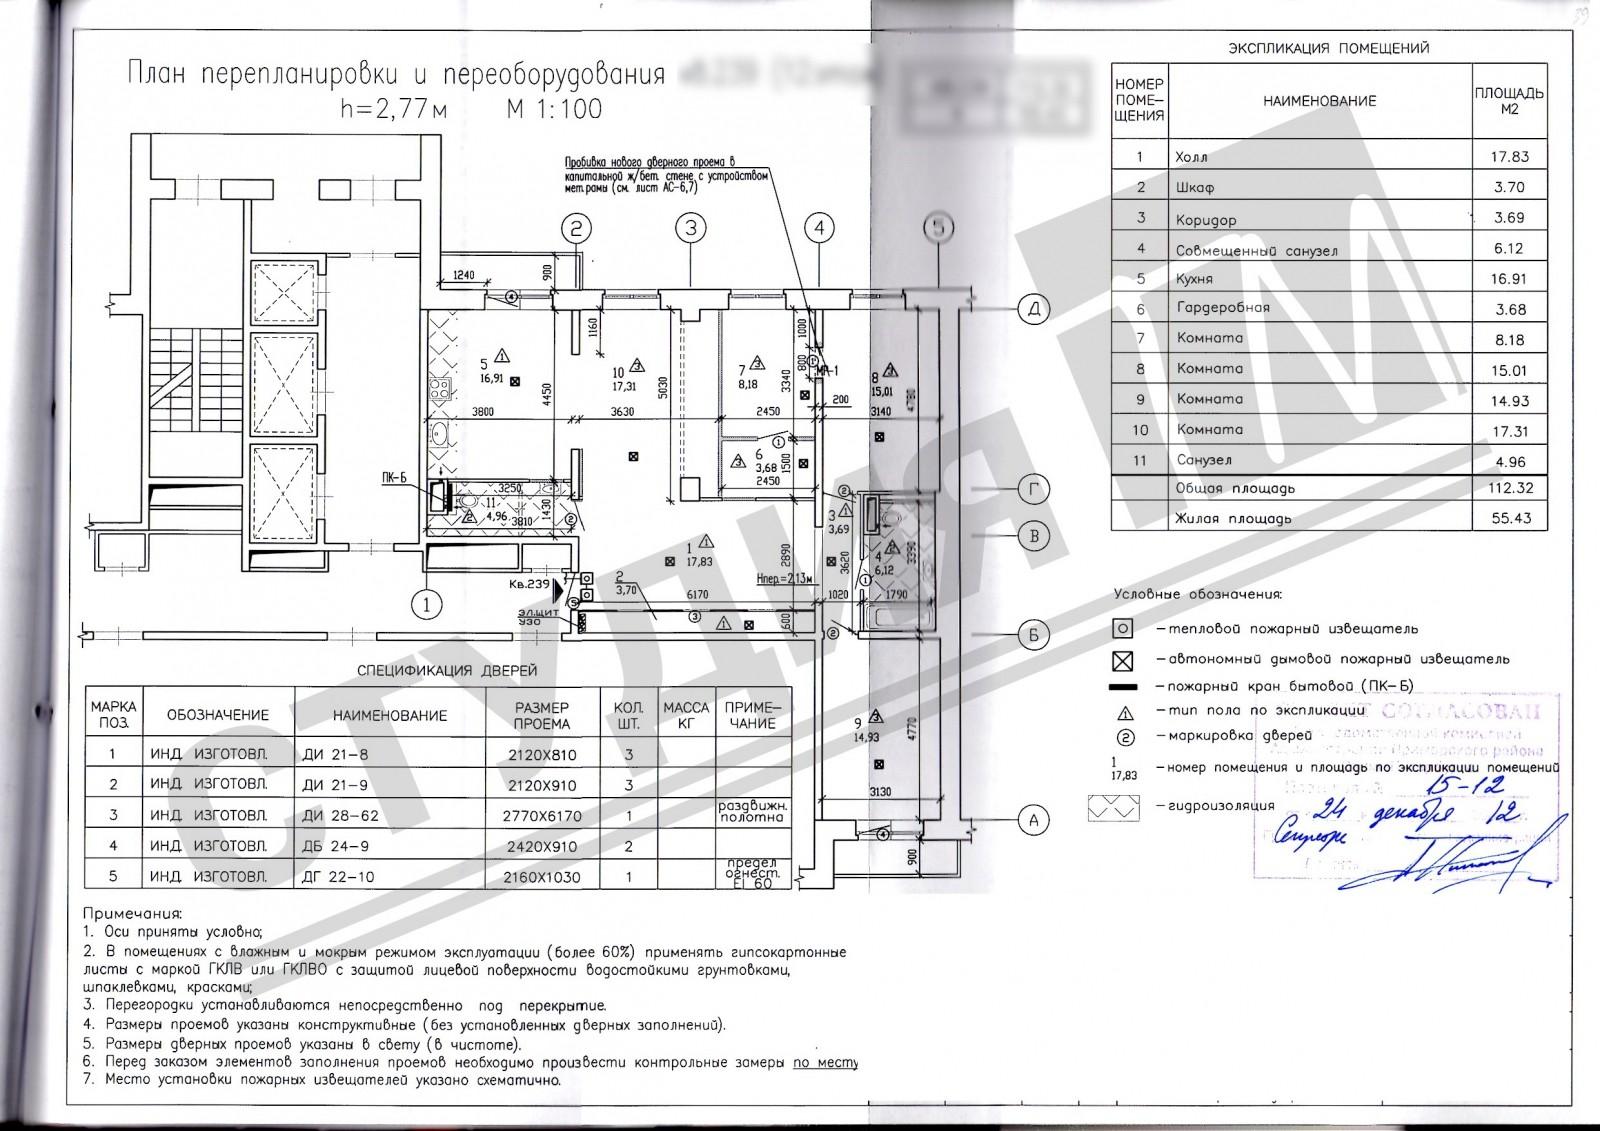 Перепланировка трехкомнатной квартиры И-209А, план, фото